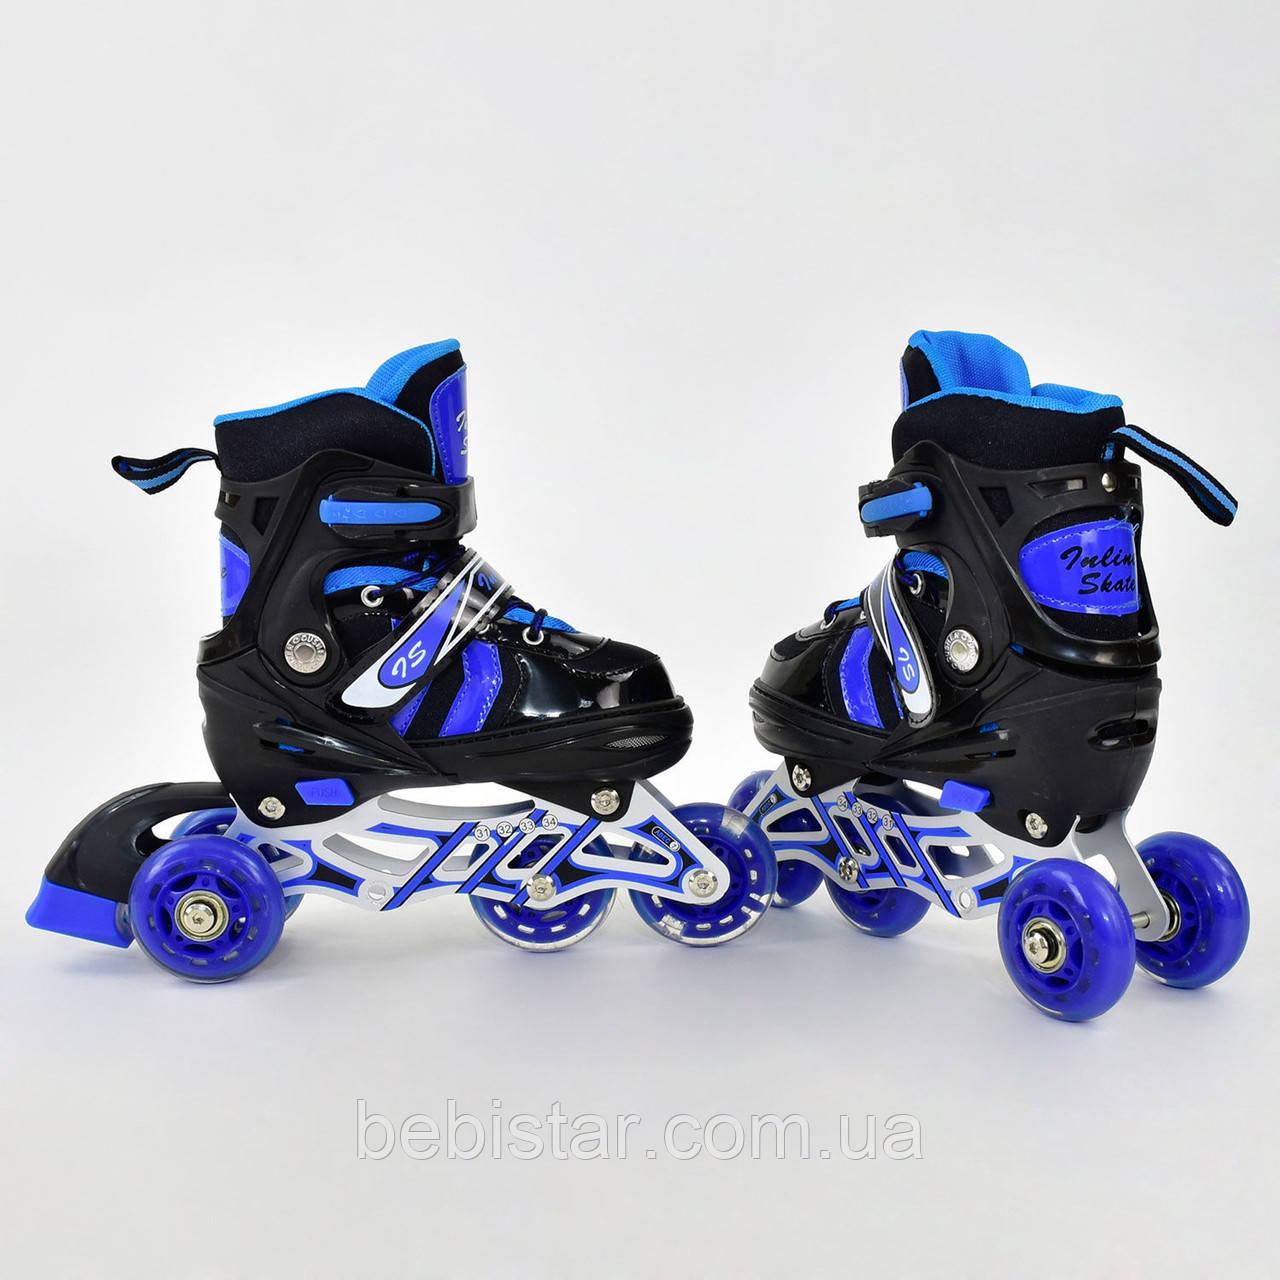 Детские роликовые коньки синие 9031 S Best Roller размер 31-34 полиуретановые колеса